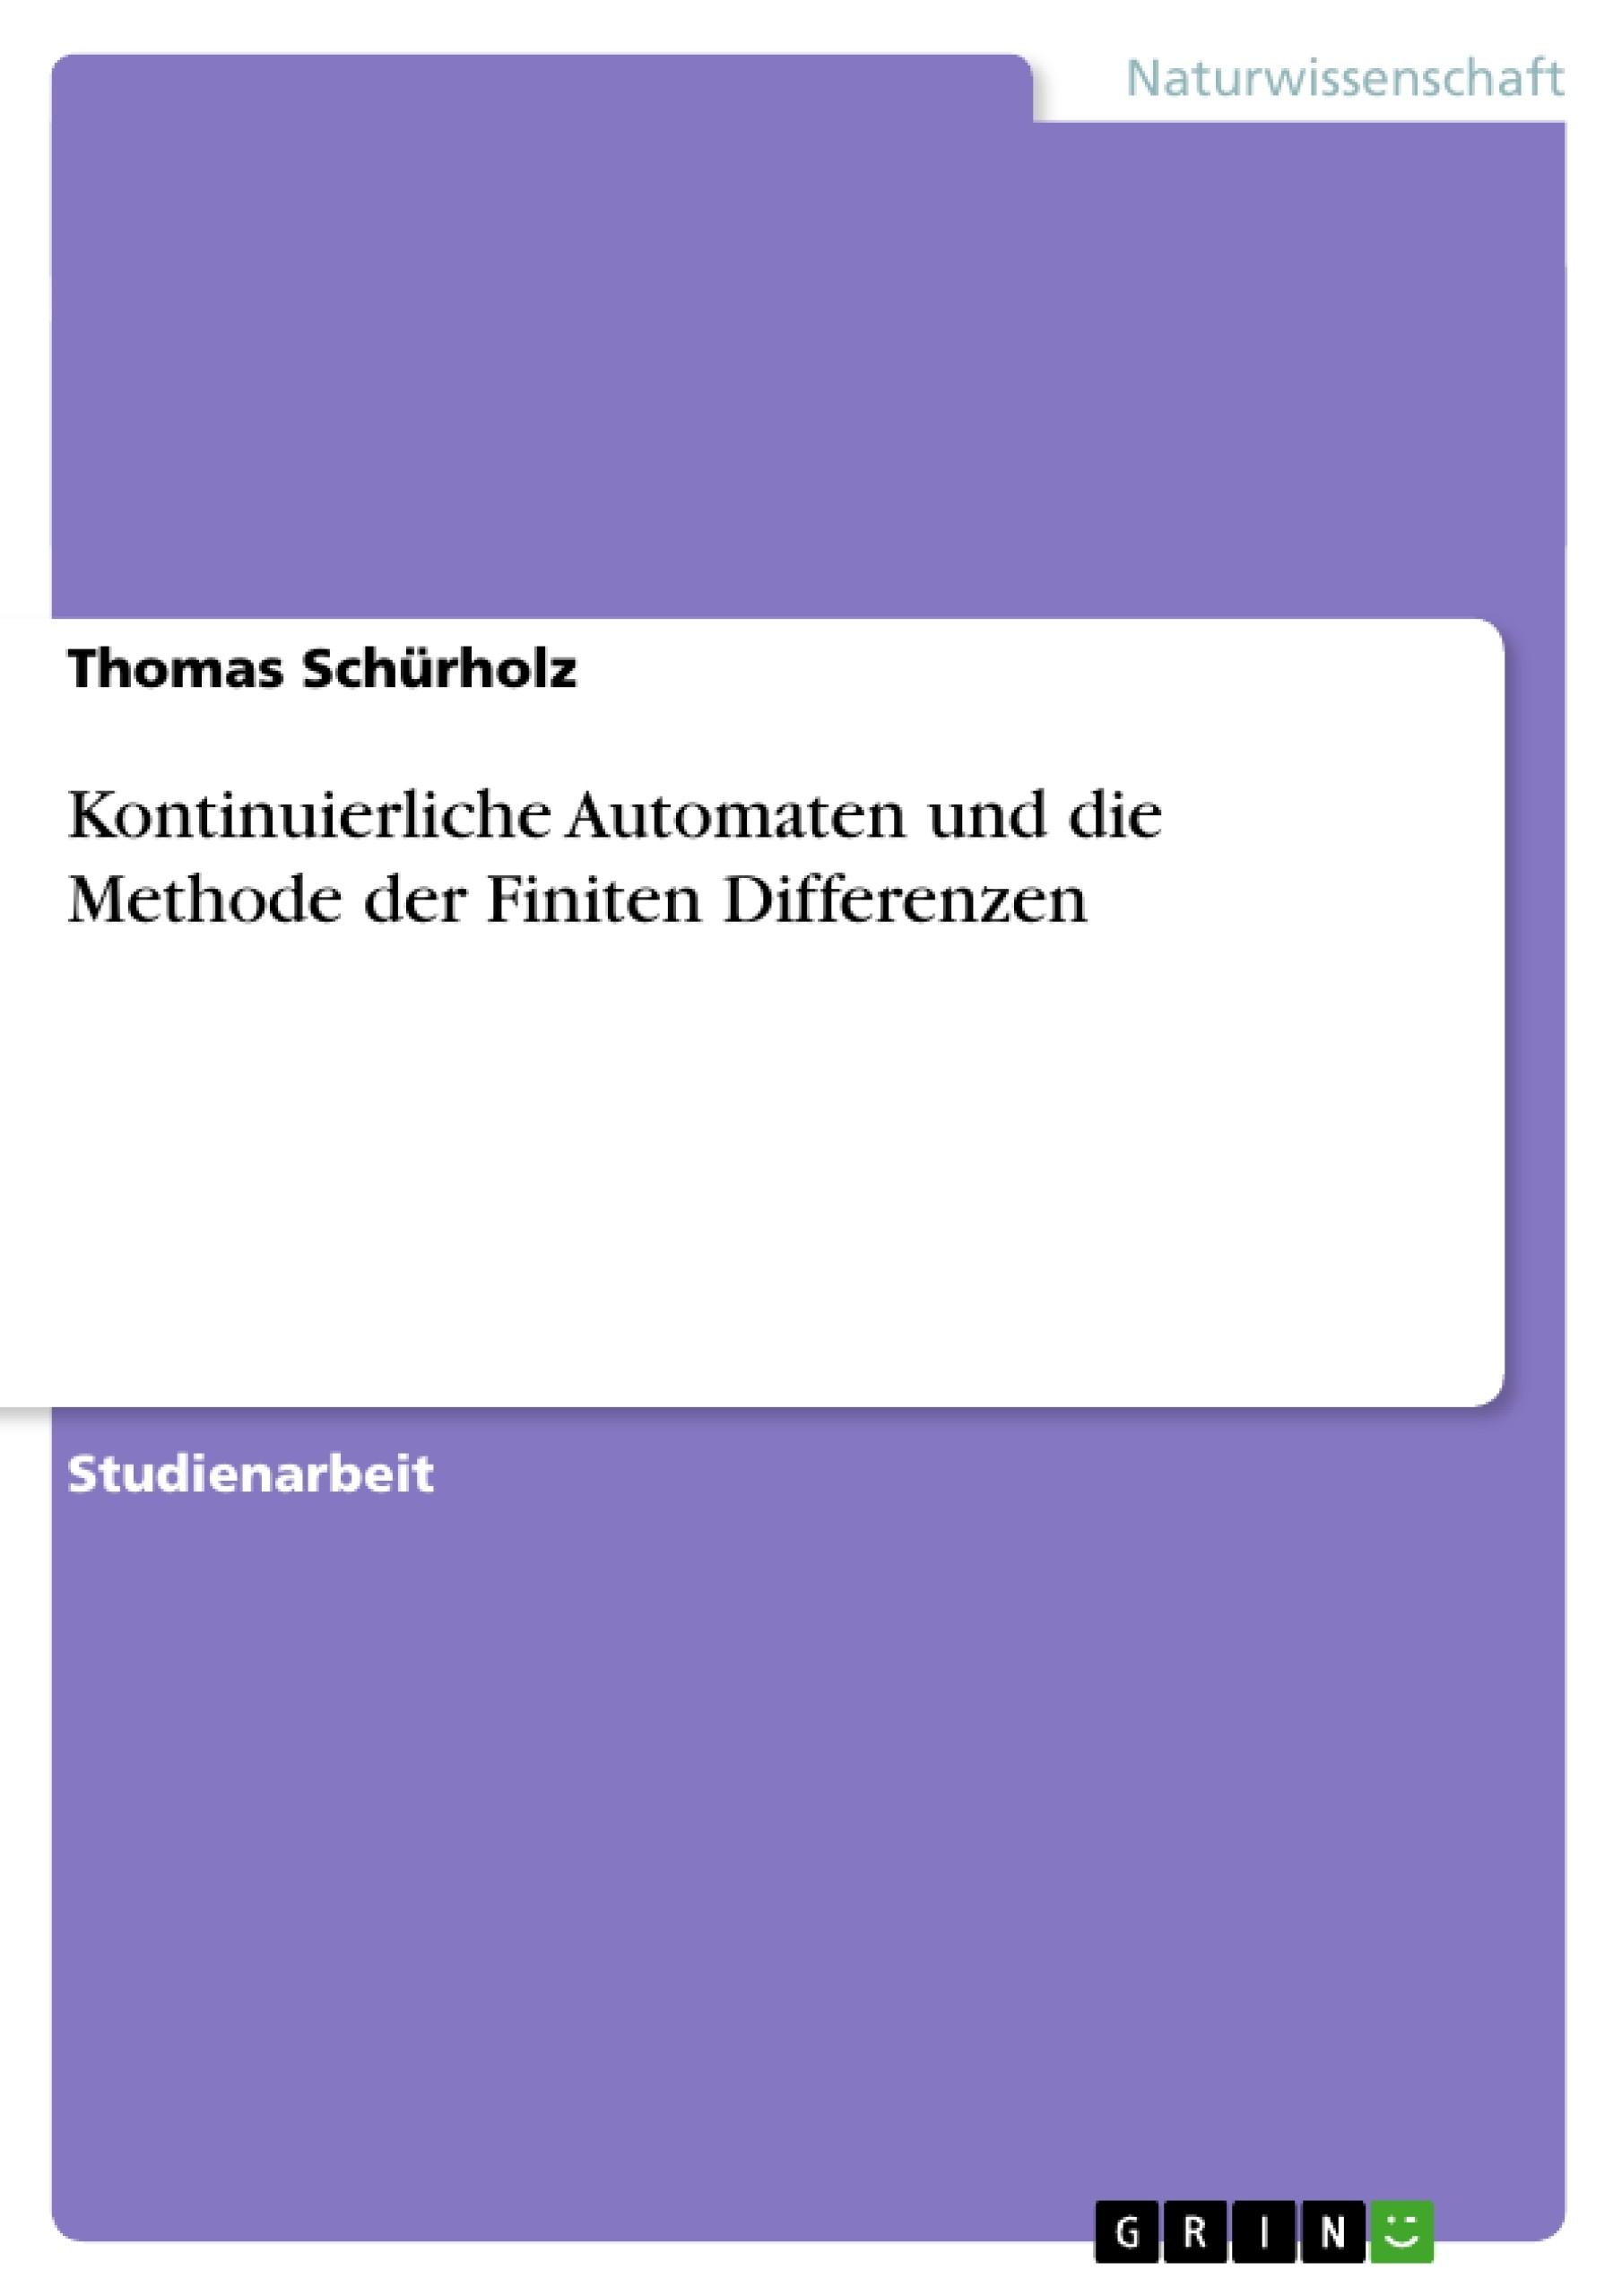 Titel: Kontinuierliche Automaten und die Methode der Finiten Differenzen